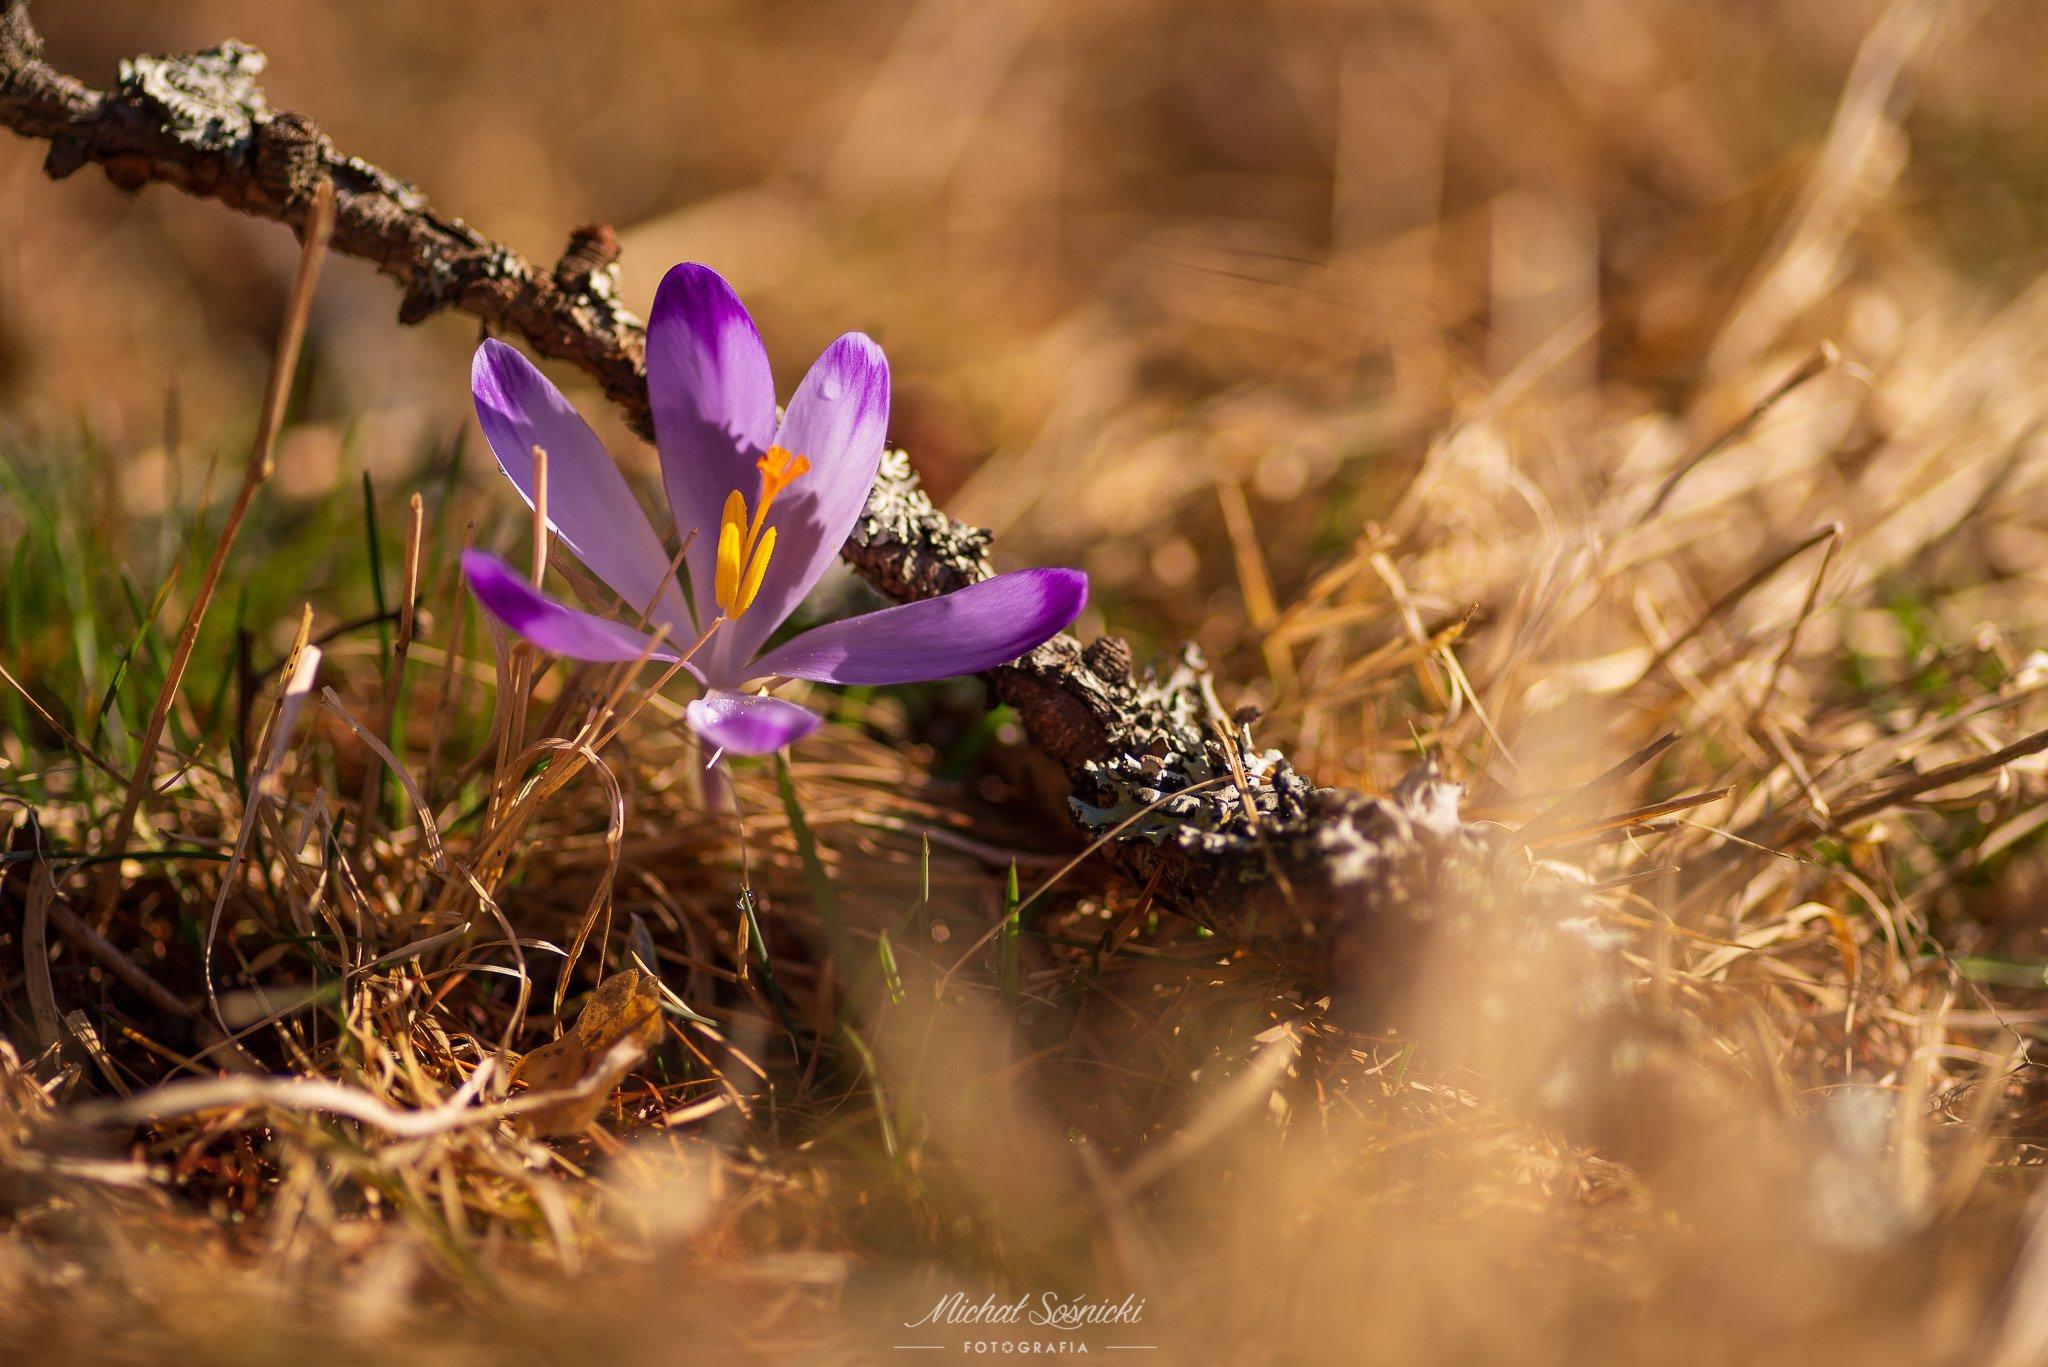 #poland #tree #sunrise #sky #nature #poland #pentax #benro #rock #mountains #spring #flower #crocus #macro, Sośnicki Michał